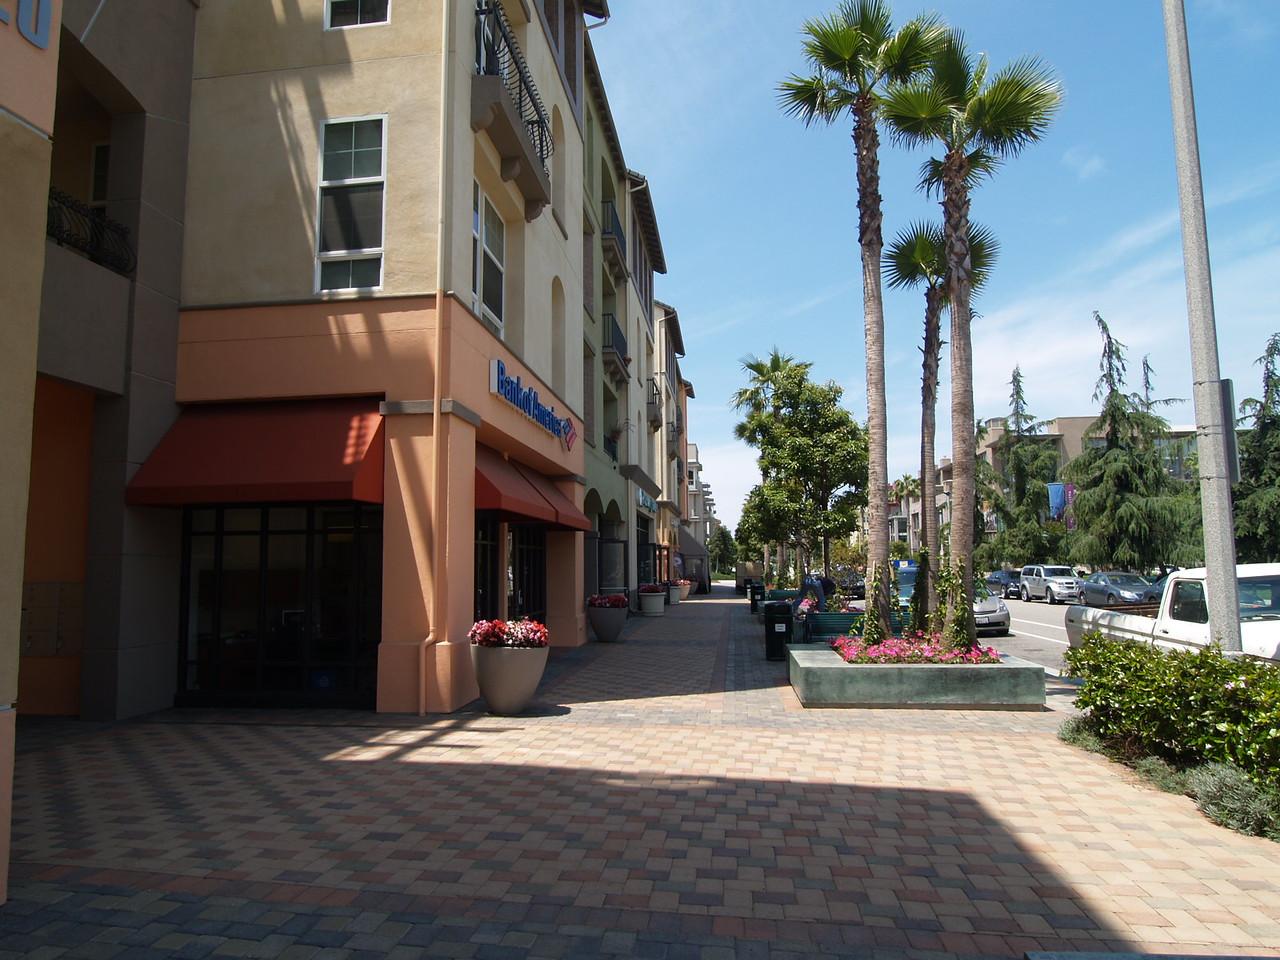 Playa Vista - 2009-06-15 (2)